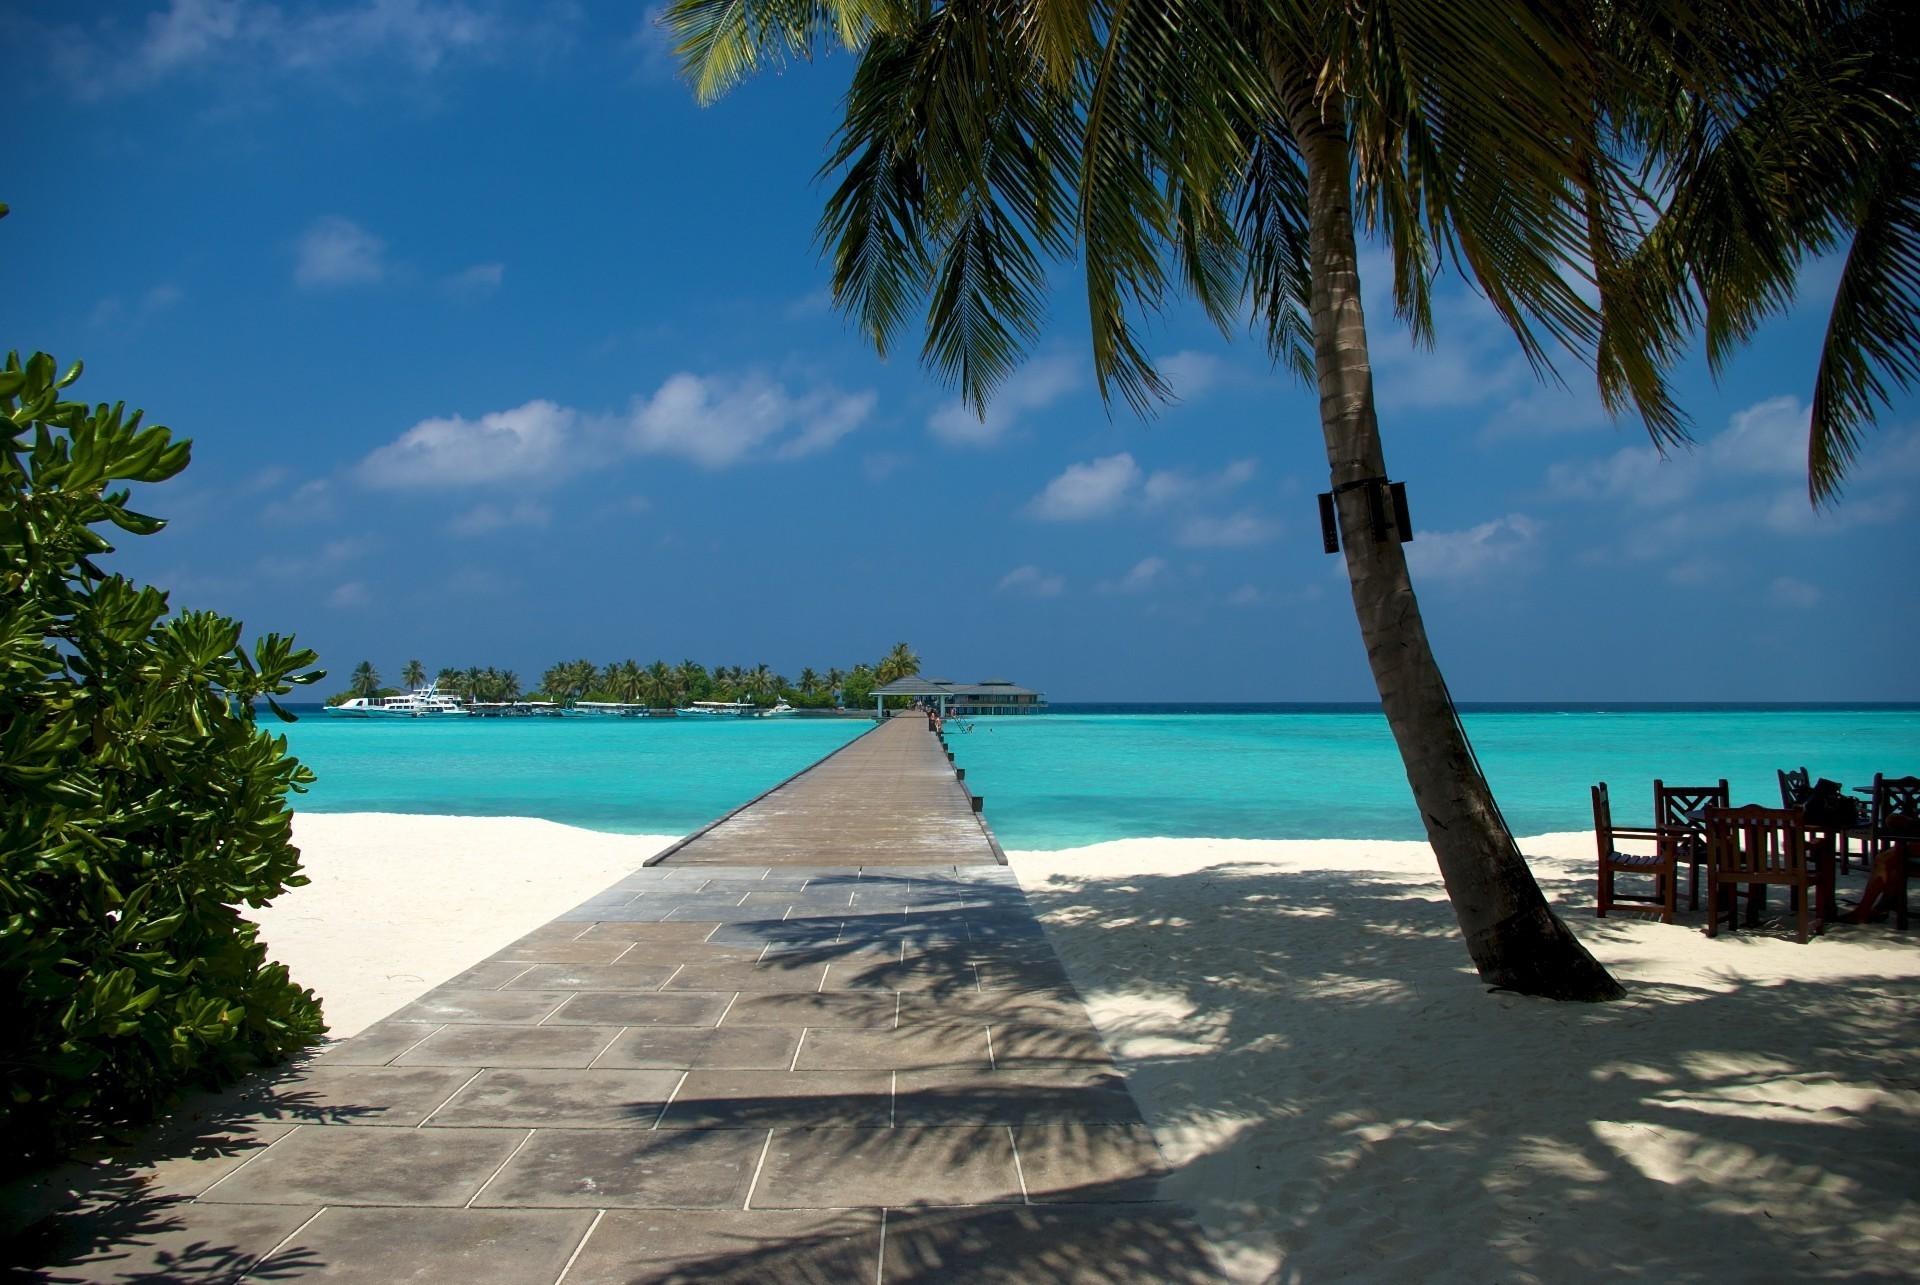 райские пляжи мира предположим